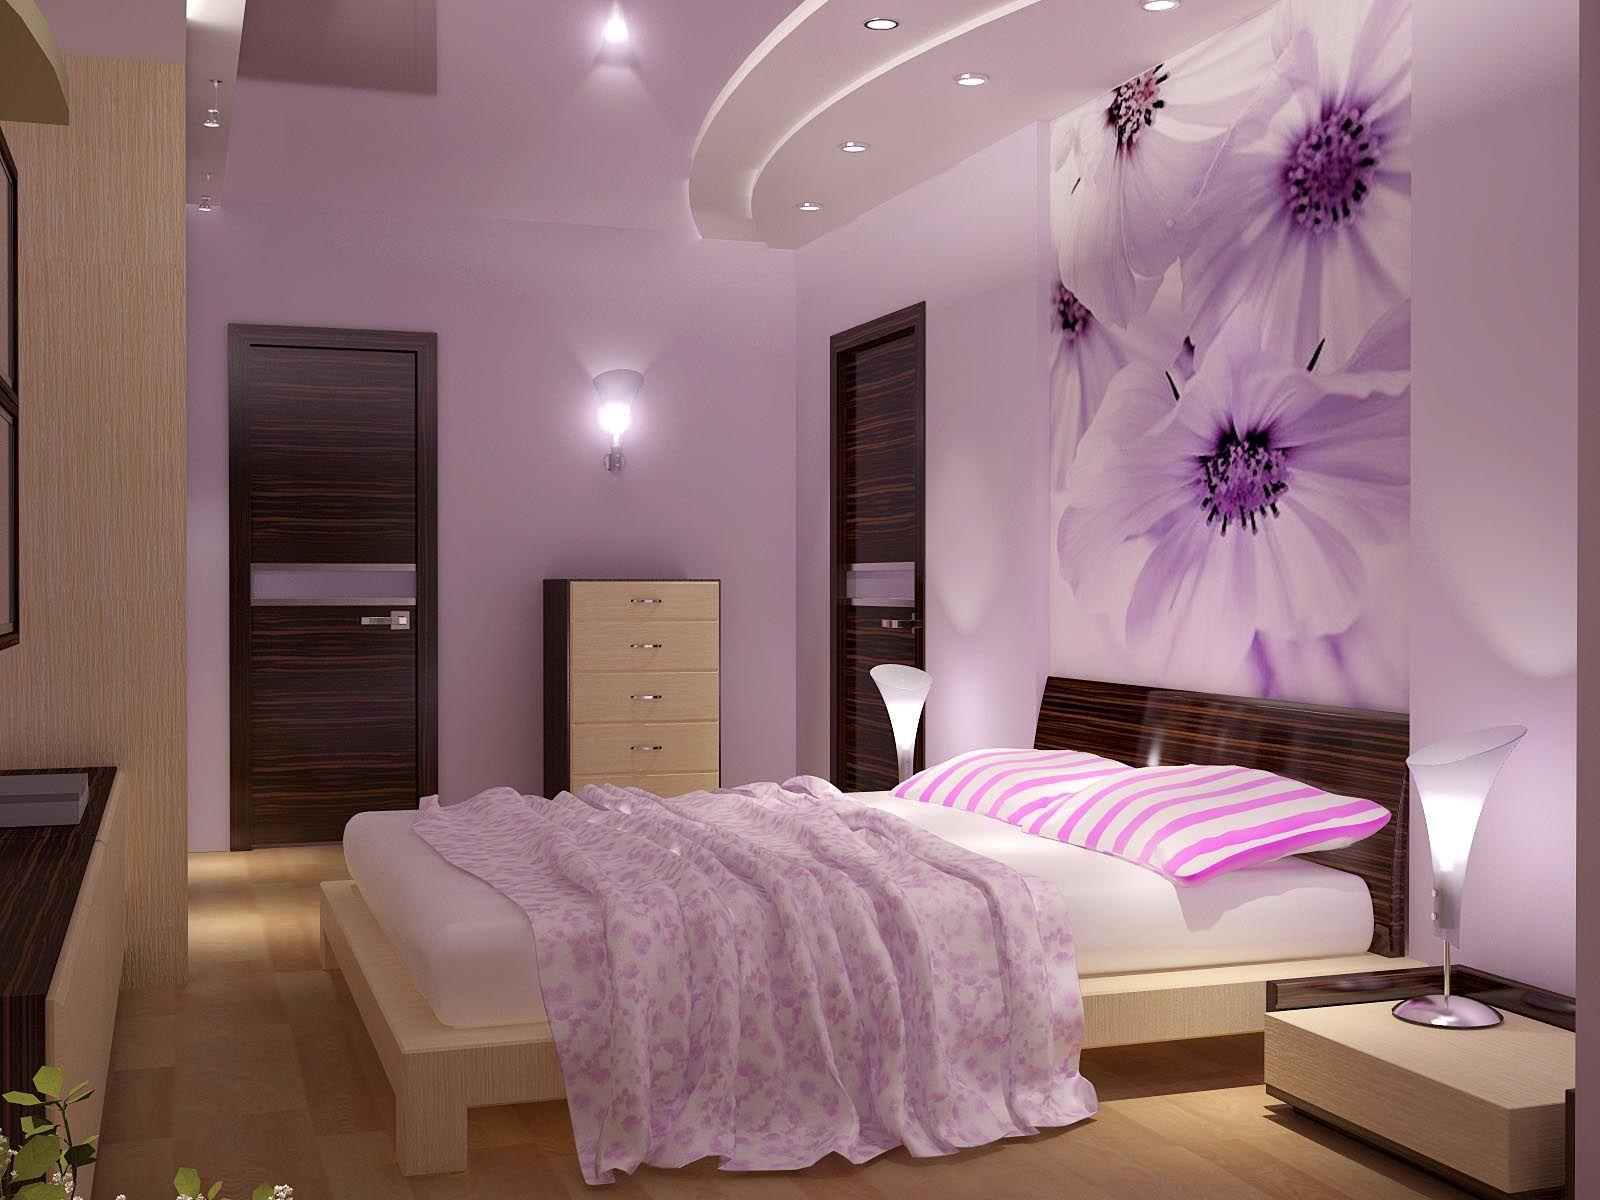 Стильная комната для девушки: дизайн интерьера